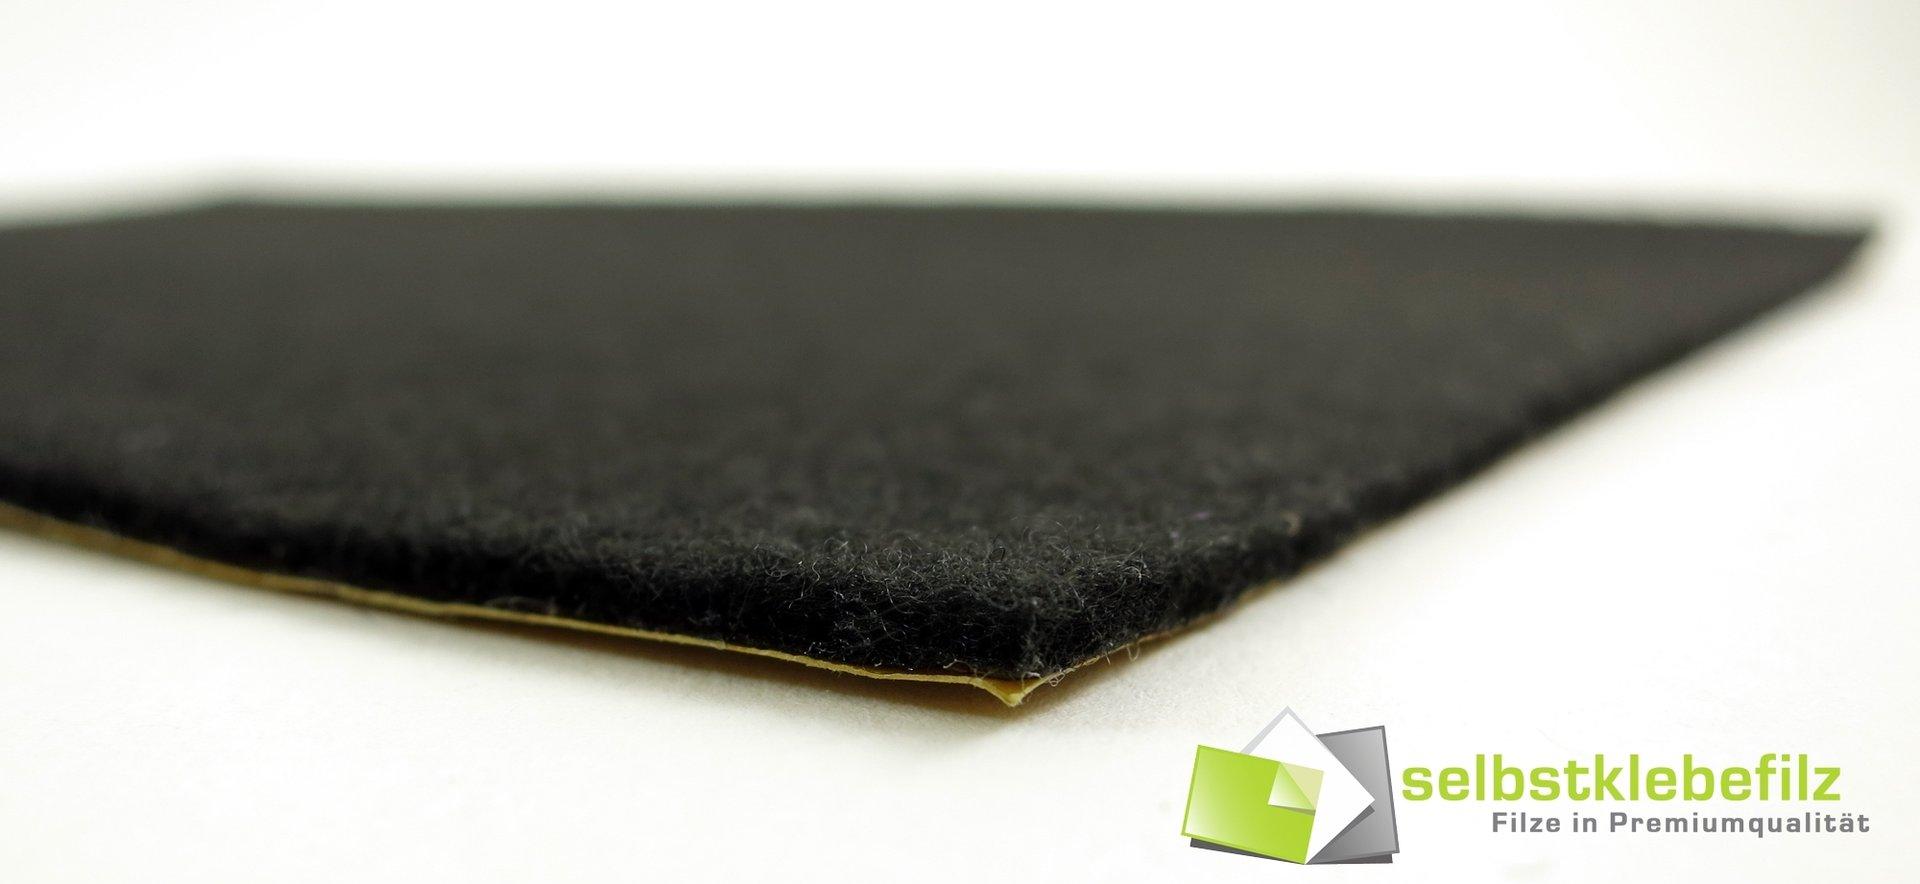 Filz Meterware 2mm dick | schwarz, anthrazit | Breite 150cm, stark selbstklebend